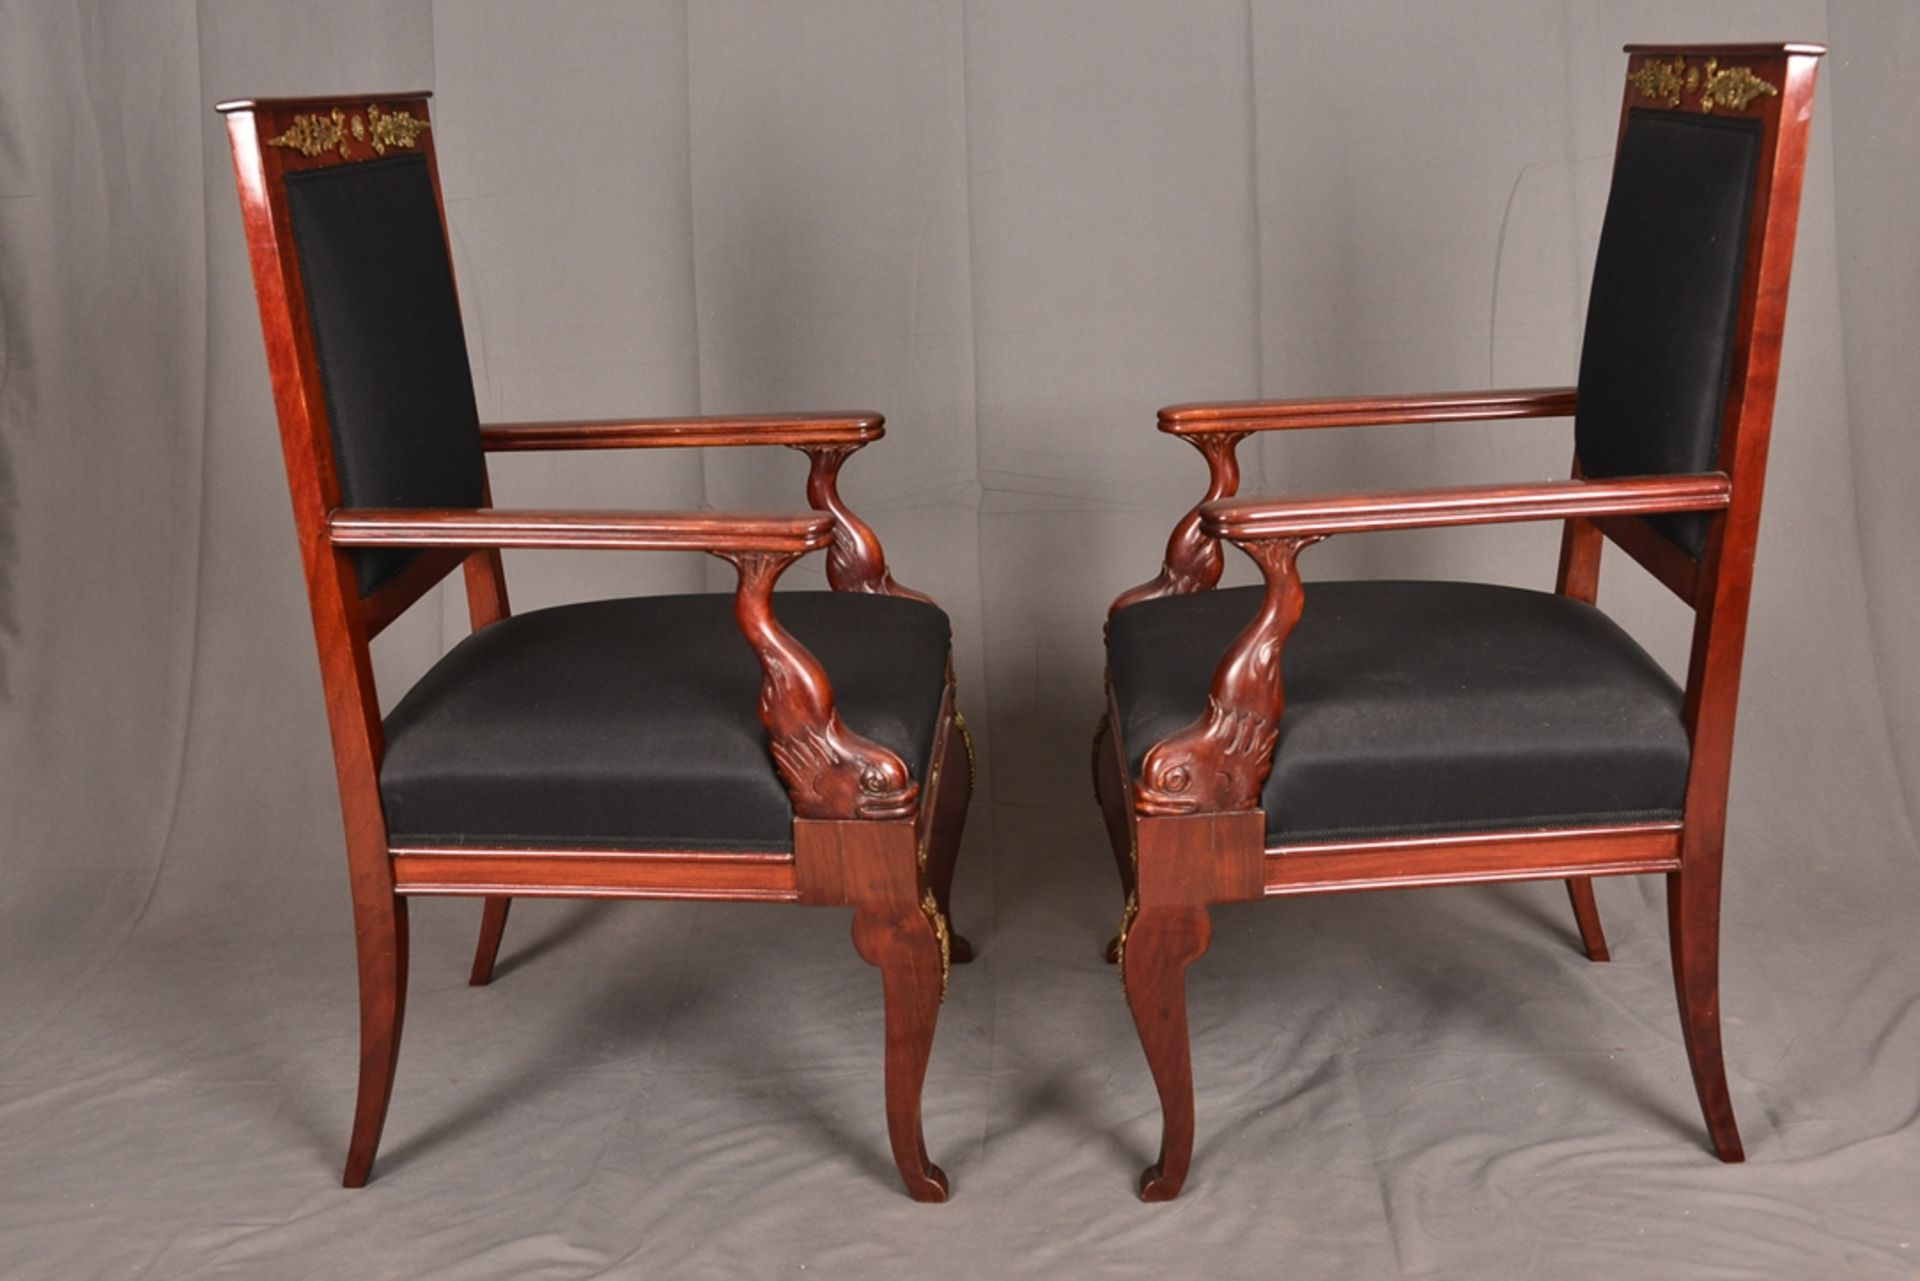 Paar Armlehnstühle. Empire-Stil, Mahagoni, aufwändig mit Messingapplikationen verziert. Vor - Bild 6 aus 9